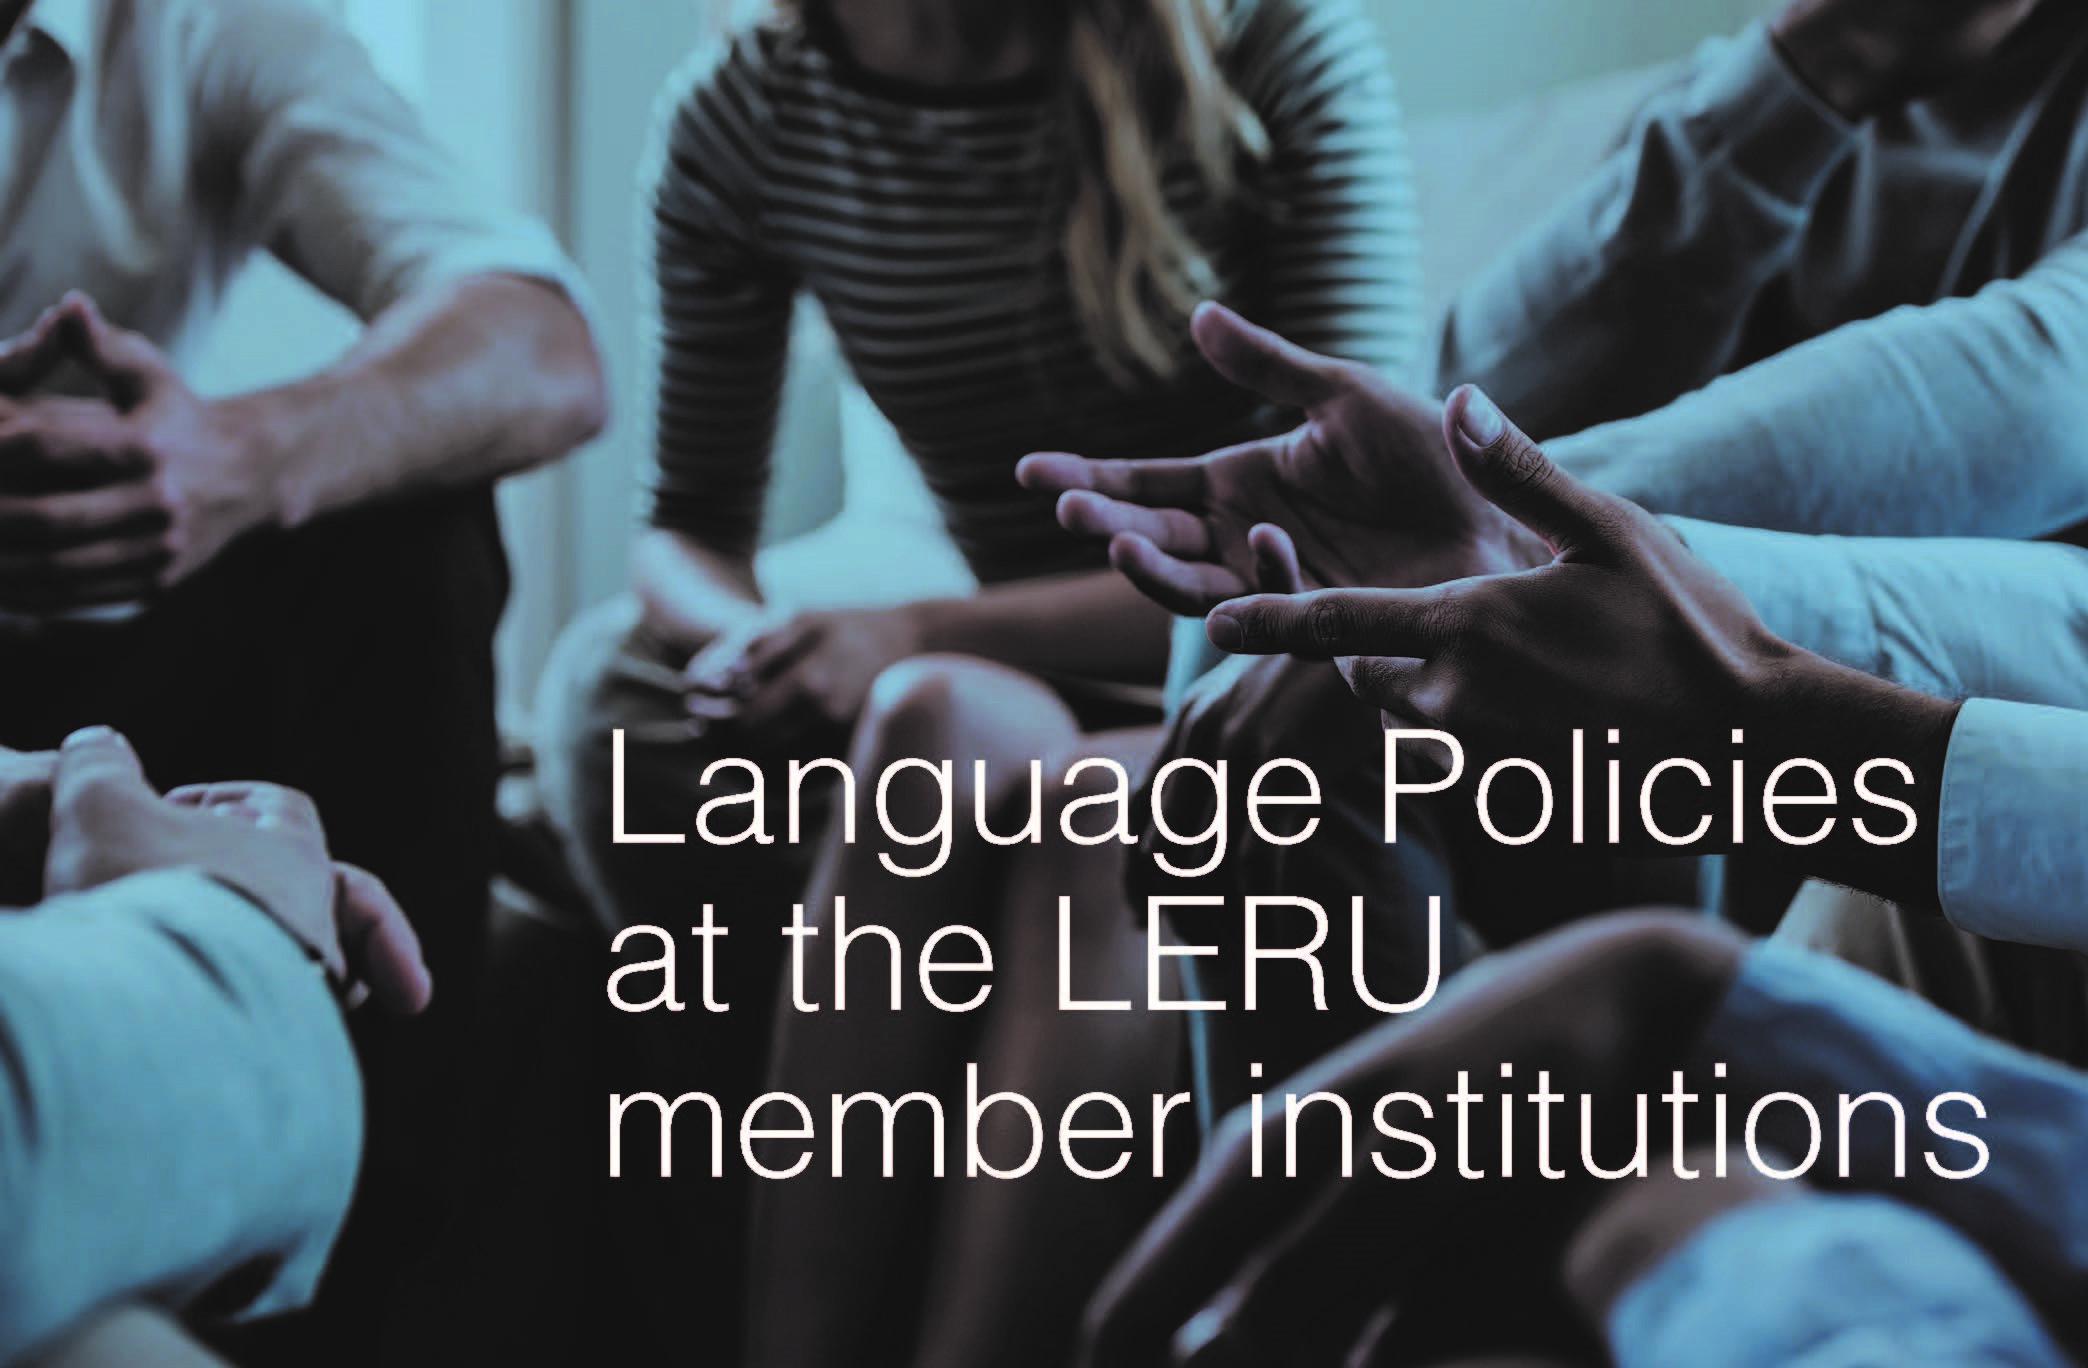 """""""Language Policies at the LERU member institutions"""" - FRIAS Direktor Professor Bernd Kortmann veröffentlicht Briefing Paper für die League of European Research Universities (LERU)"""